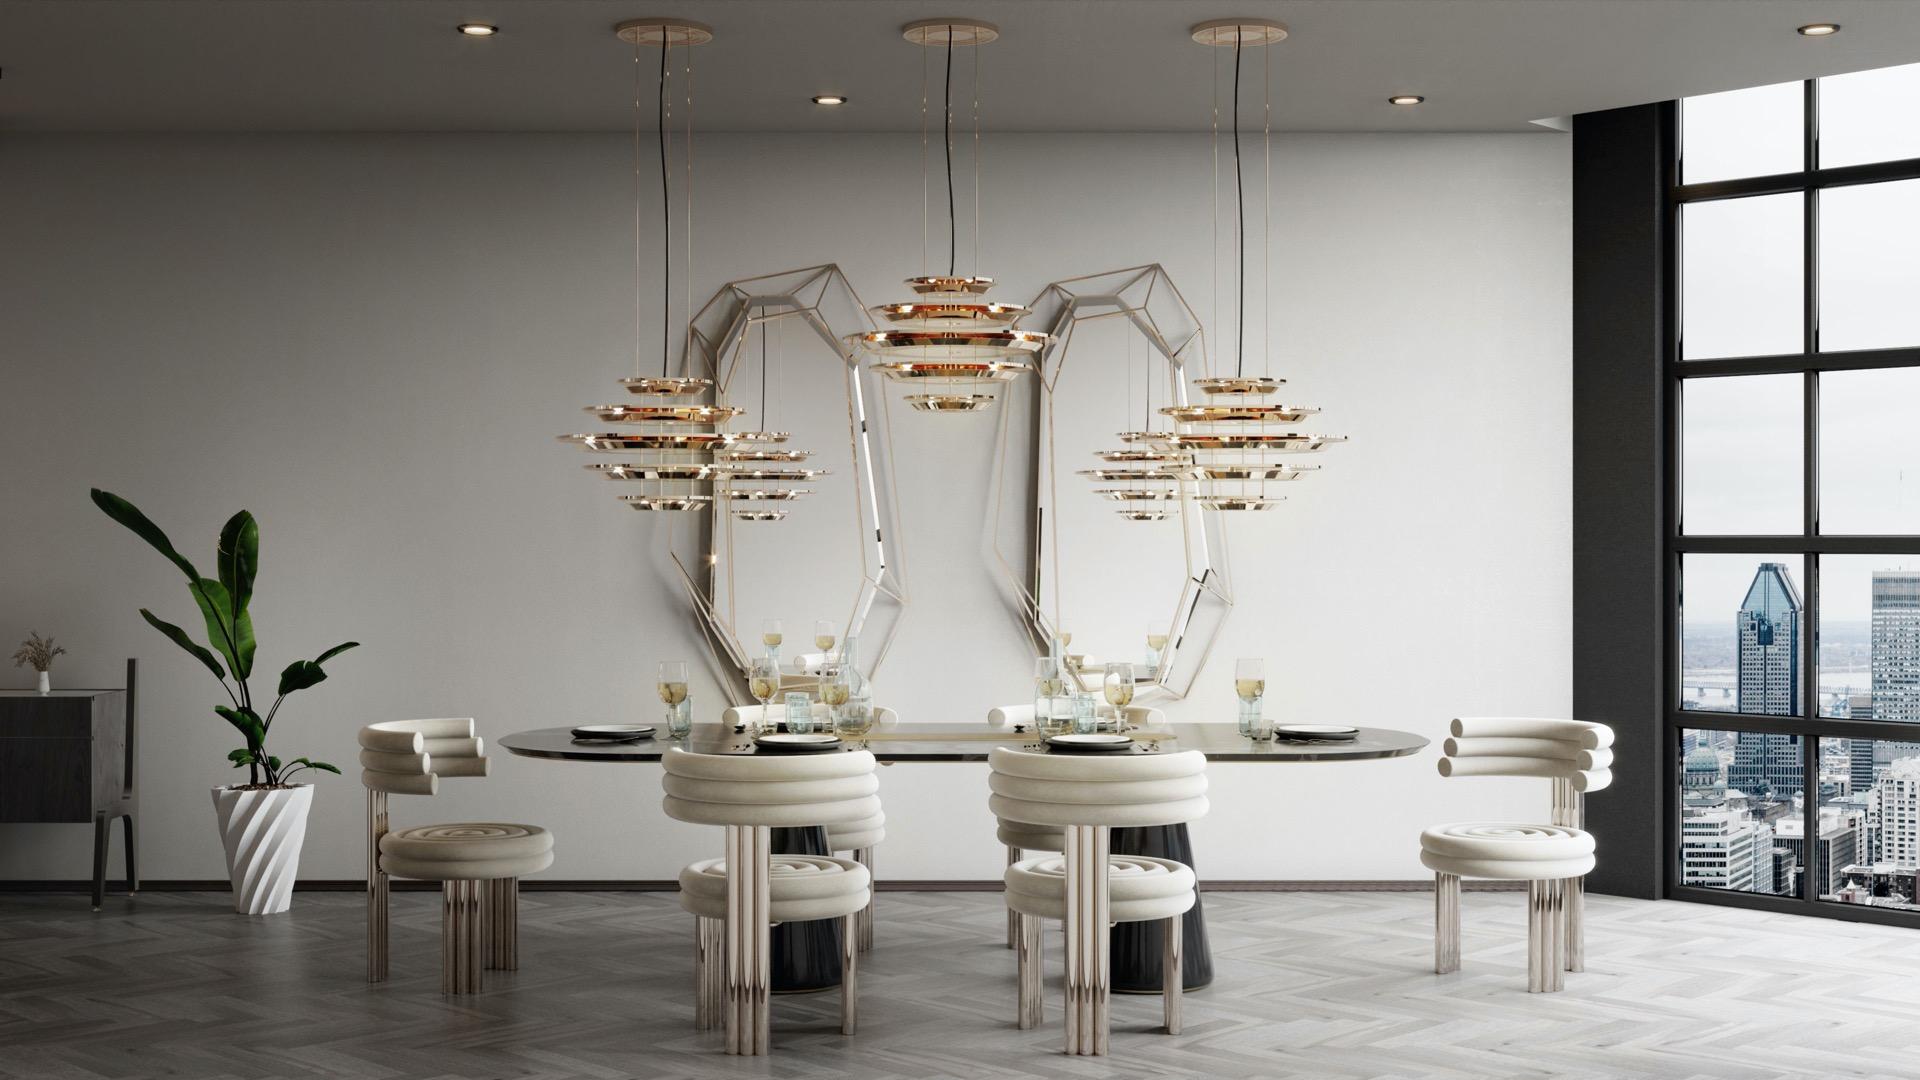 Exquistite Dining Room